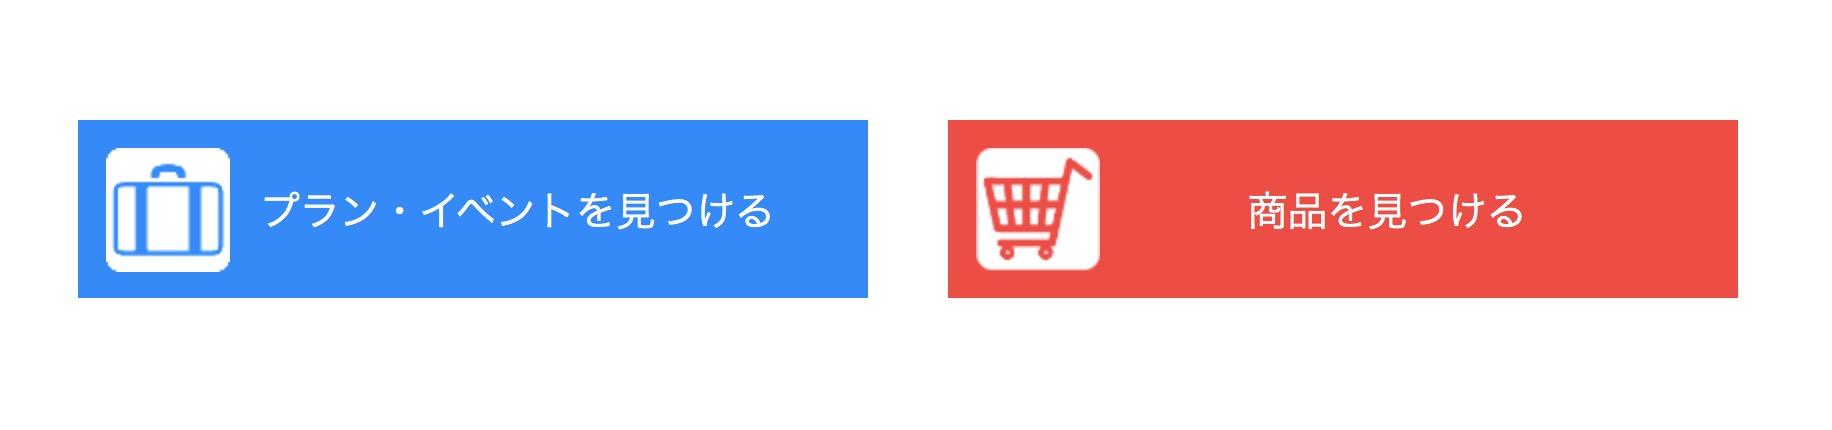 コト(体験)も、モノ(商品)も1つのサイトで探せて、体験予約もお買い物もできる。